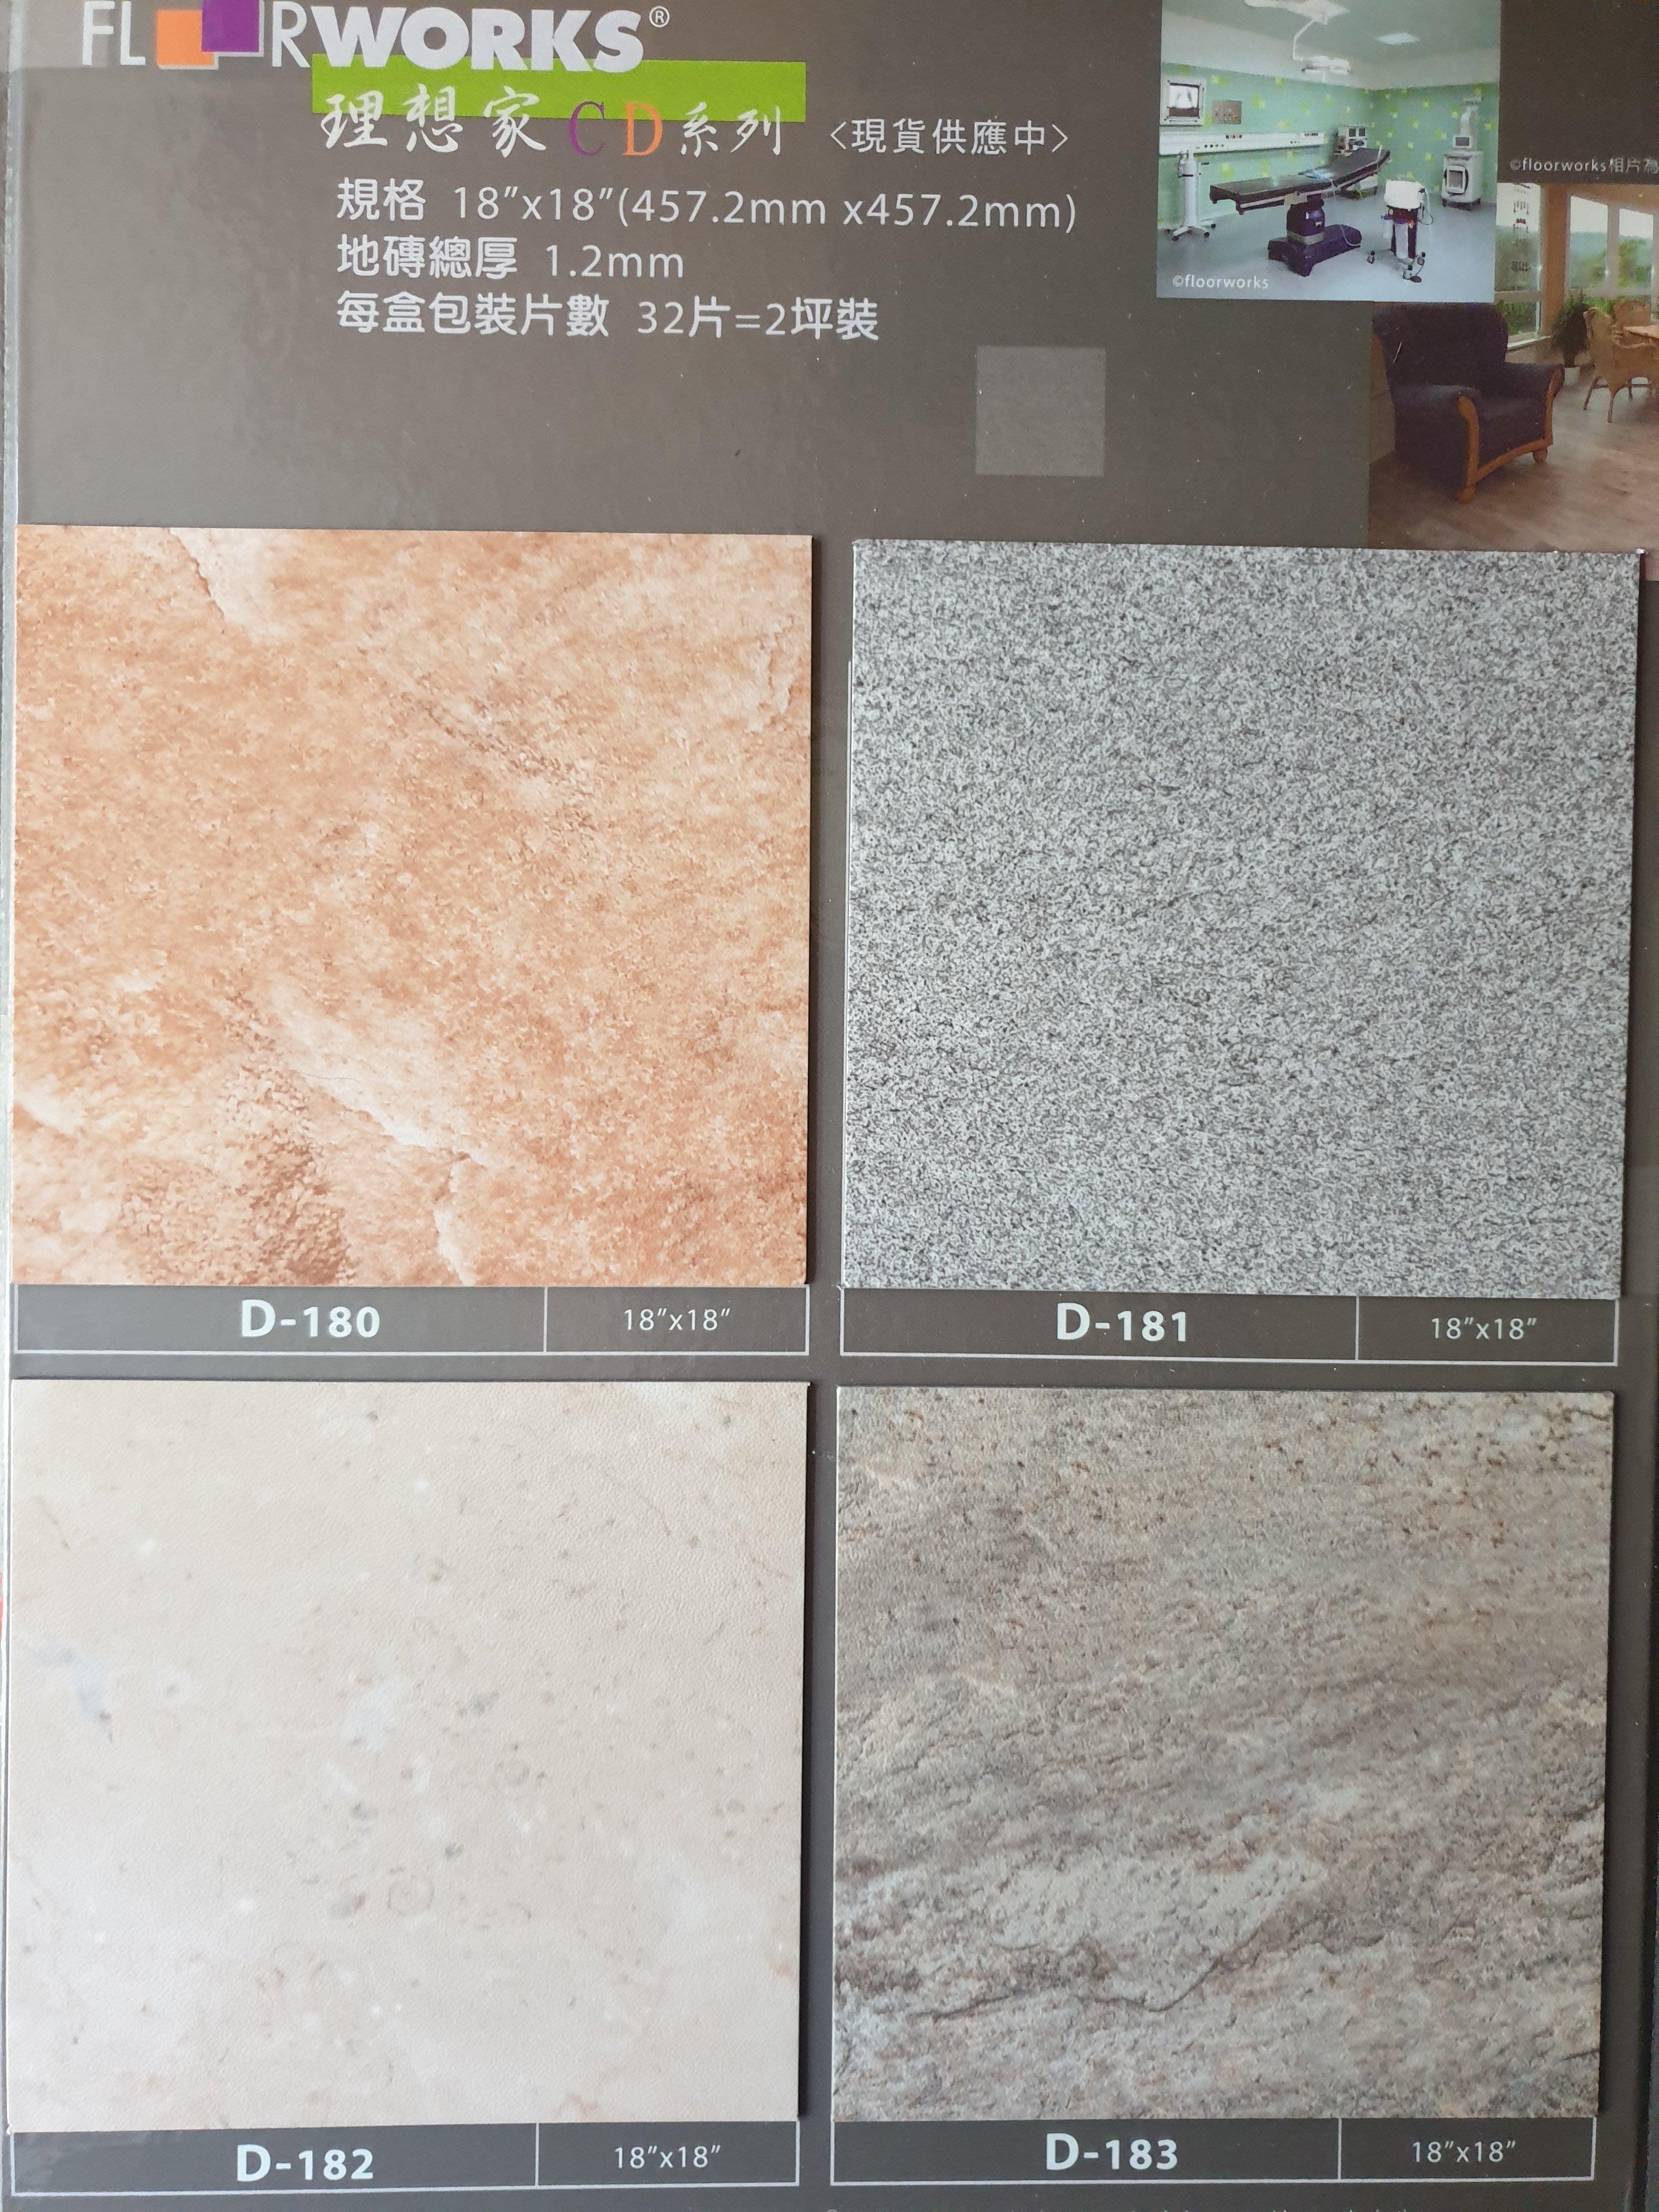 美的磚家~-超值!塑膠地磚DIY塑膠地板應有盡有~超便宜~45cm*45cm*1.2m/m每坪只要350元.